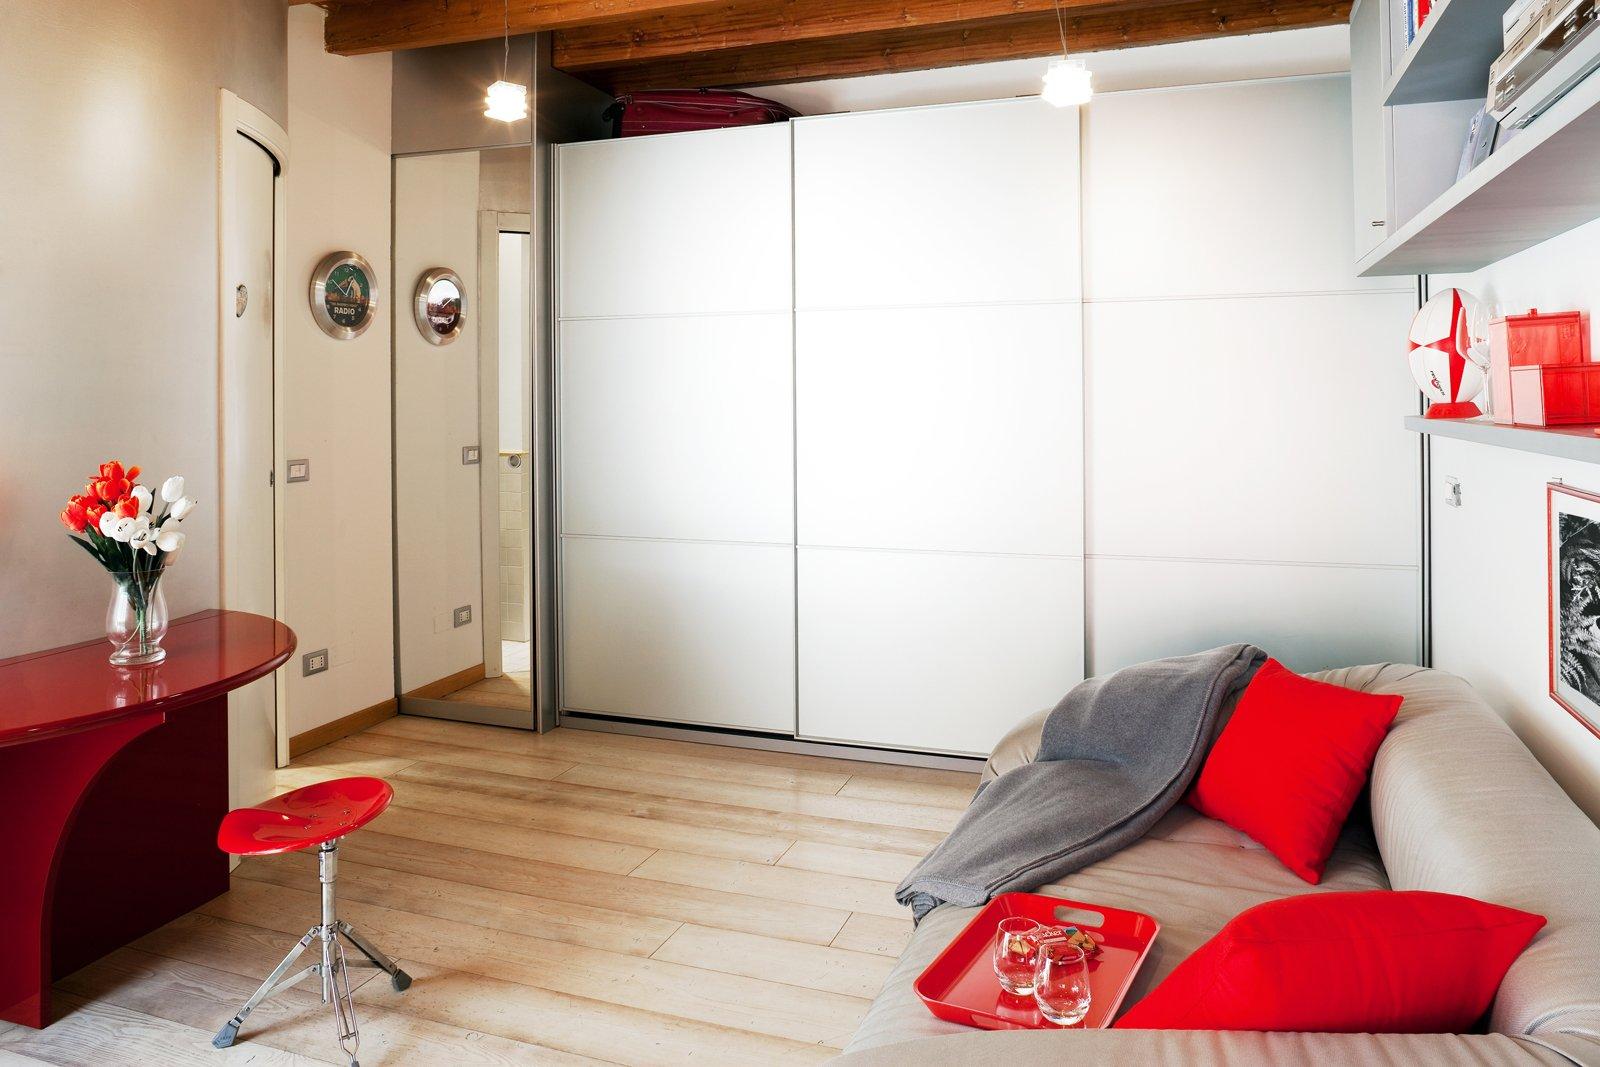 Monolocale di 25 mq con soluzioni salvaspazio cose di casa - Sala cucina 25 mq ...